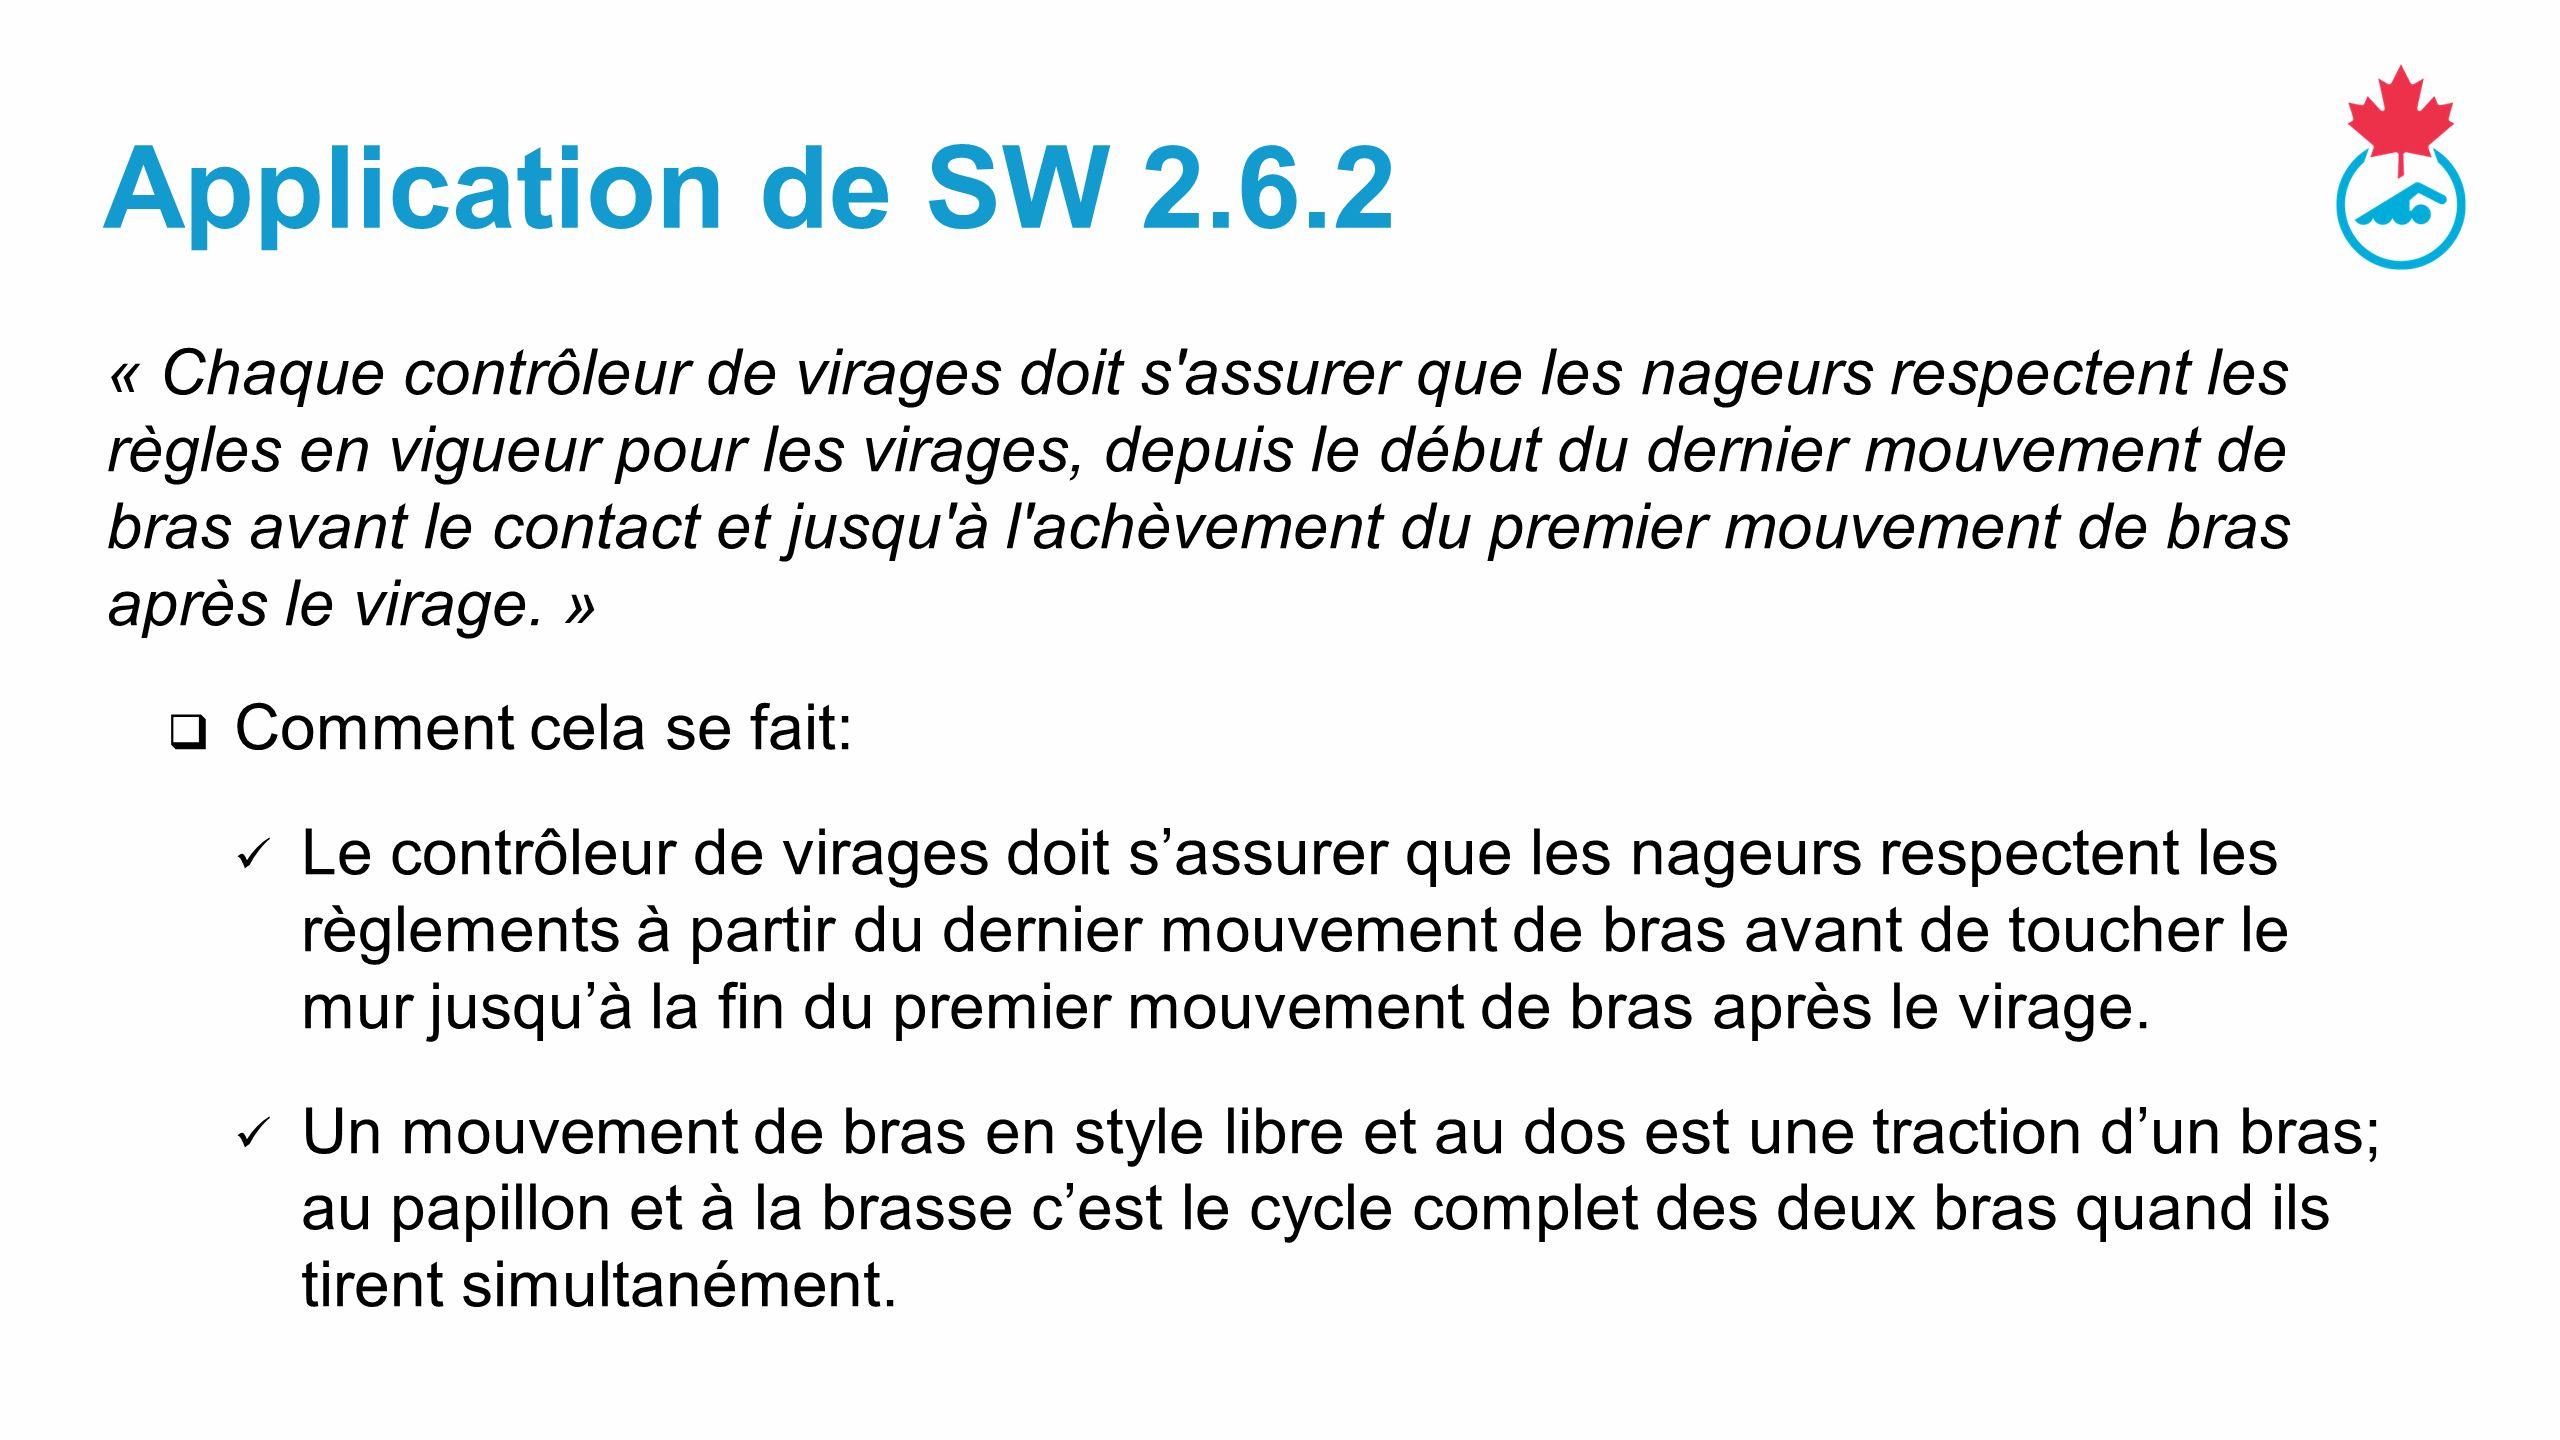 Application de SW 2.6.2 « Chaque contrôleur de virages doit s assurer que les nageurs respectent les règles en vigueur pour les virages, depuis le début du dernier mouvement de bras avant le contact et jusqu à l achèvement du premier mouvement de bras après le virage.